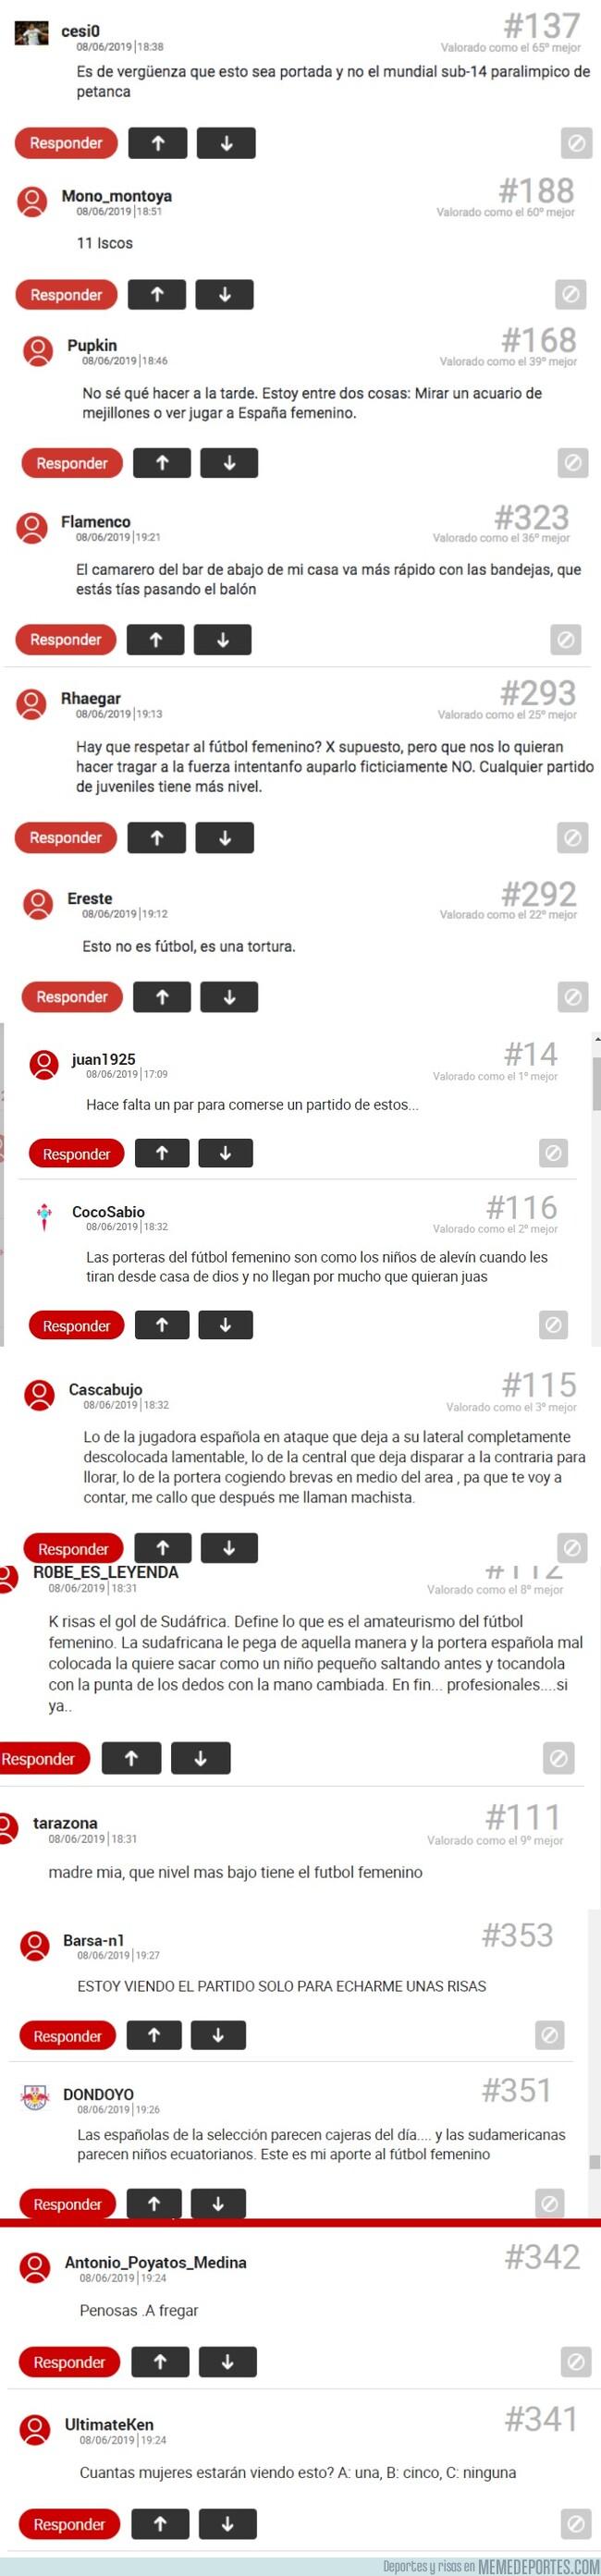 1077561 - Los comentarios en el MARCA sobre la selección femenina en el mundial dicen mucho de sus usuarios